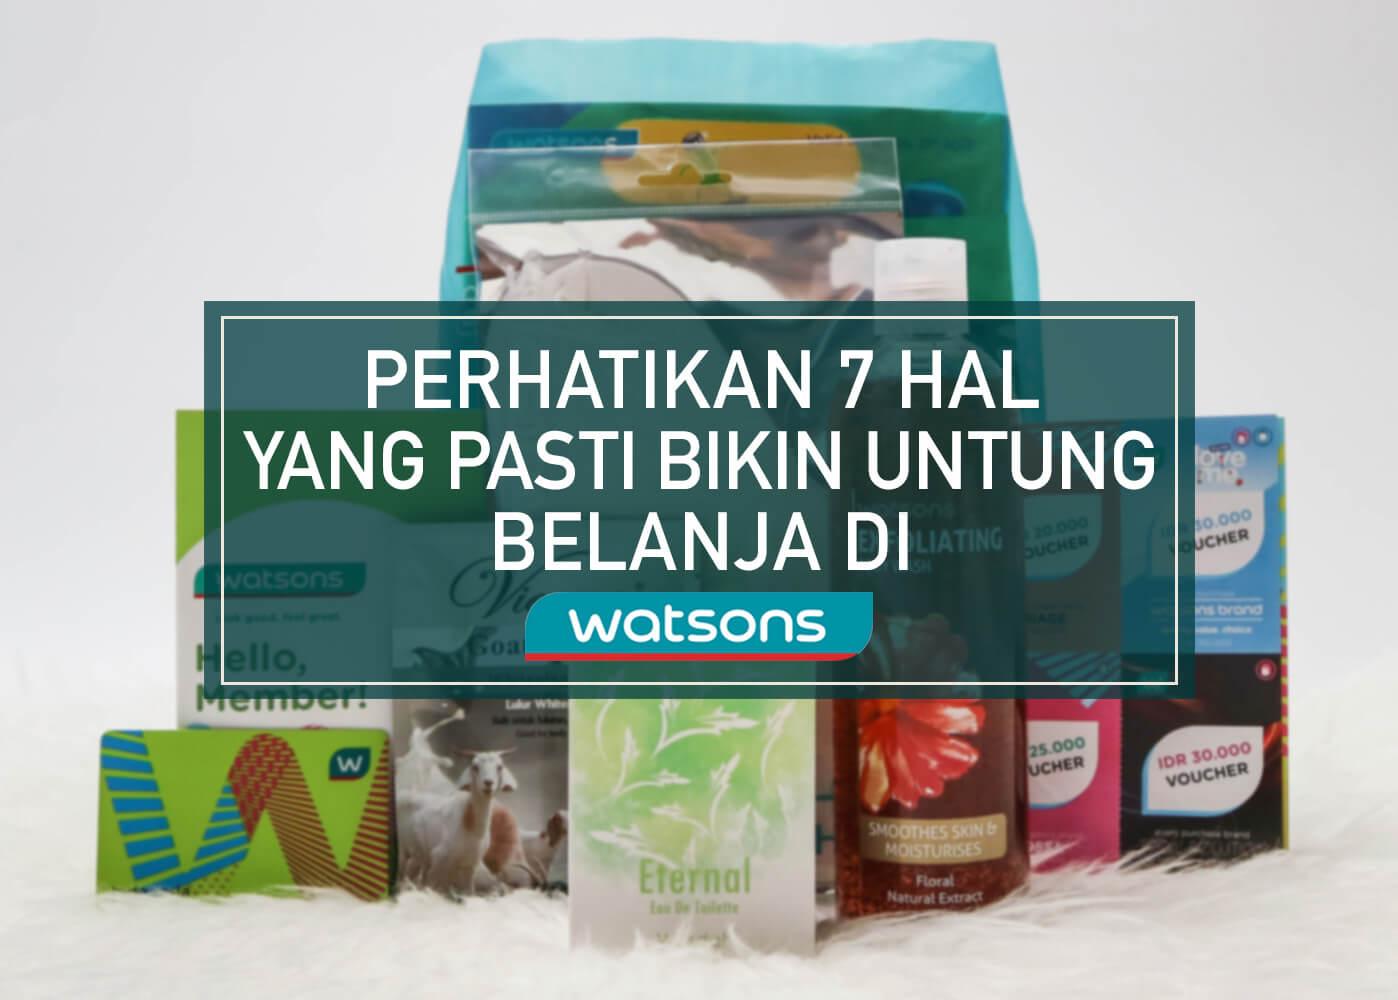 Watsons Drugstore Terfavorit Beri +7 Hal Yang Pasti Bikin Untung #JadiMemberPastiUntung